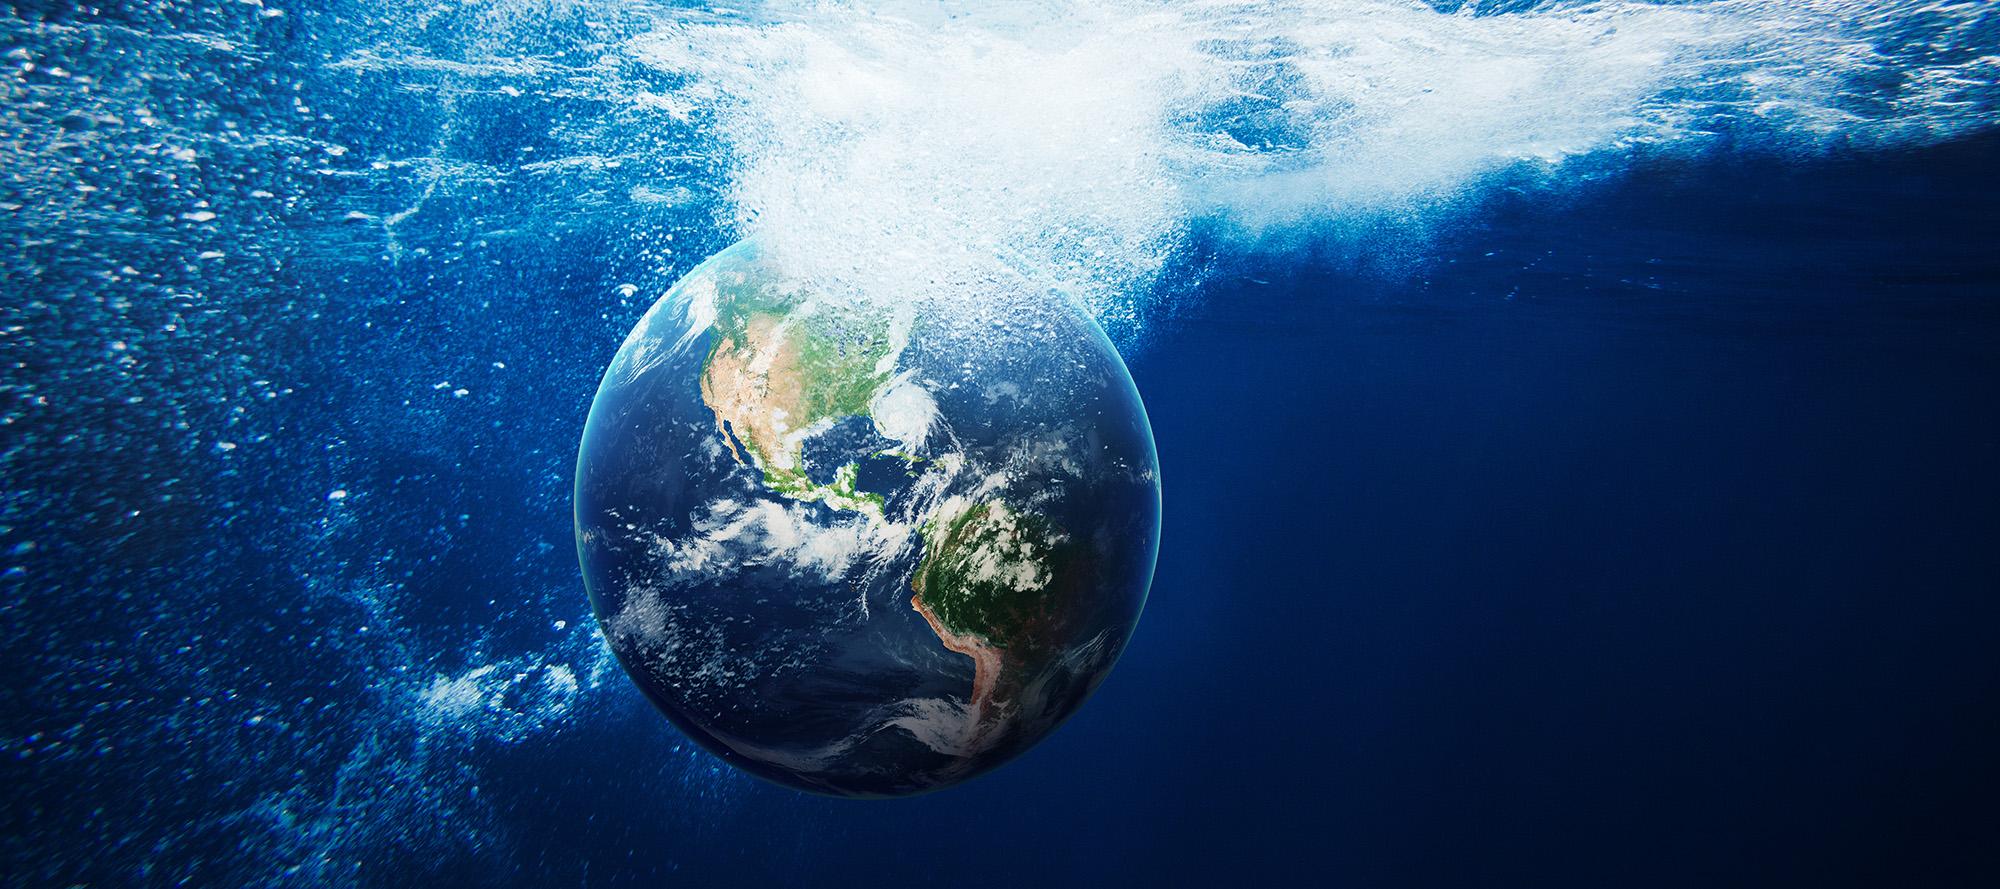 Környezetbarát mosószóda